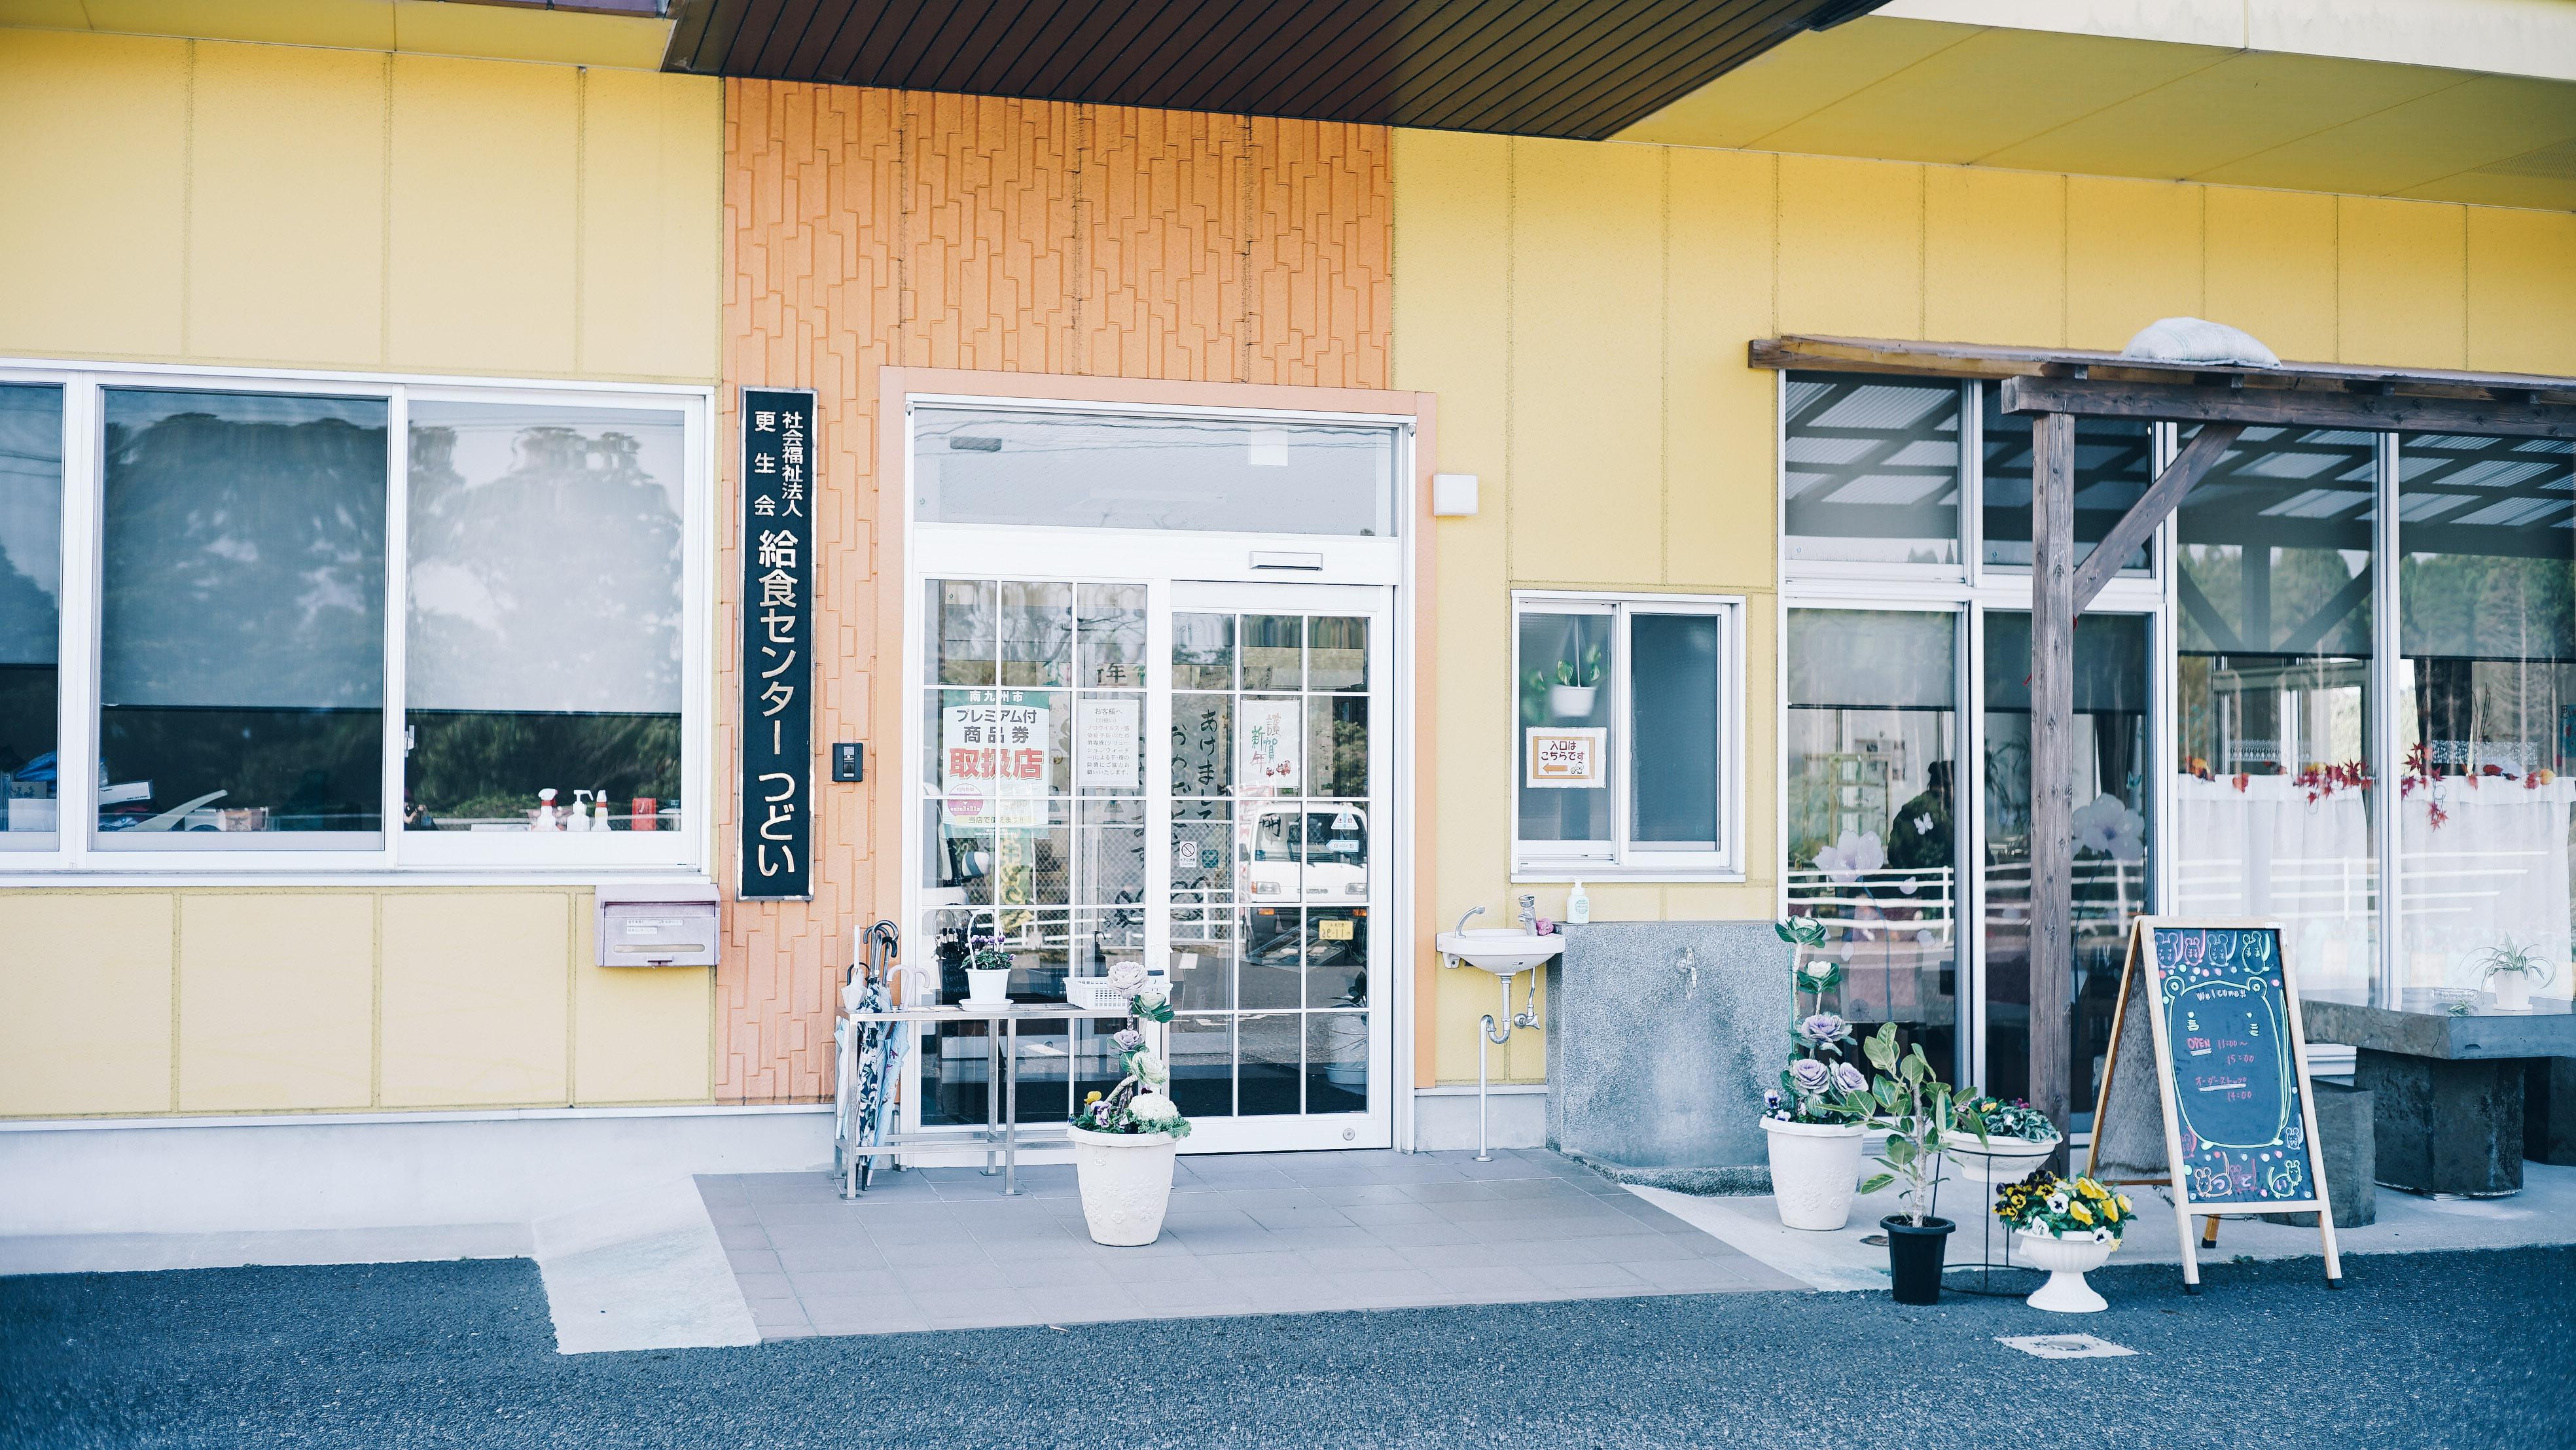 「給食センターつどい」でランチバイキング|鹿児島県南九州市